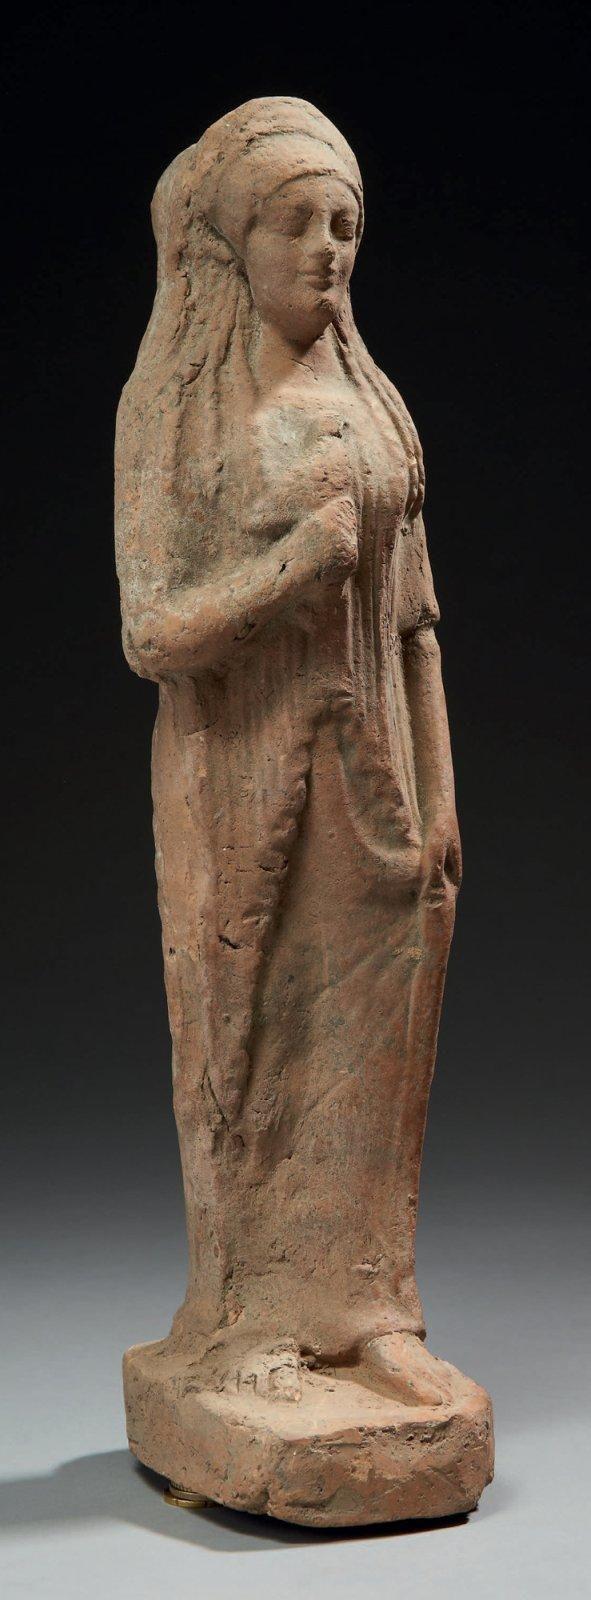 KORÉ À LA COLOMBE. Grande statuette représentant une koré debout sur une base. Elle est vêtue d'un long chiton couvert d'un himation plissé dont elle saisit un pan de la main gauche; de la main droite, elle tient une colombe à hauteur de la poitrine. Sa coiffure, formée de longues parotides, est ceinte d'un polos. Terre cuite orangée. Art Grec, fin du VIe siècle av. J.-C.